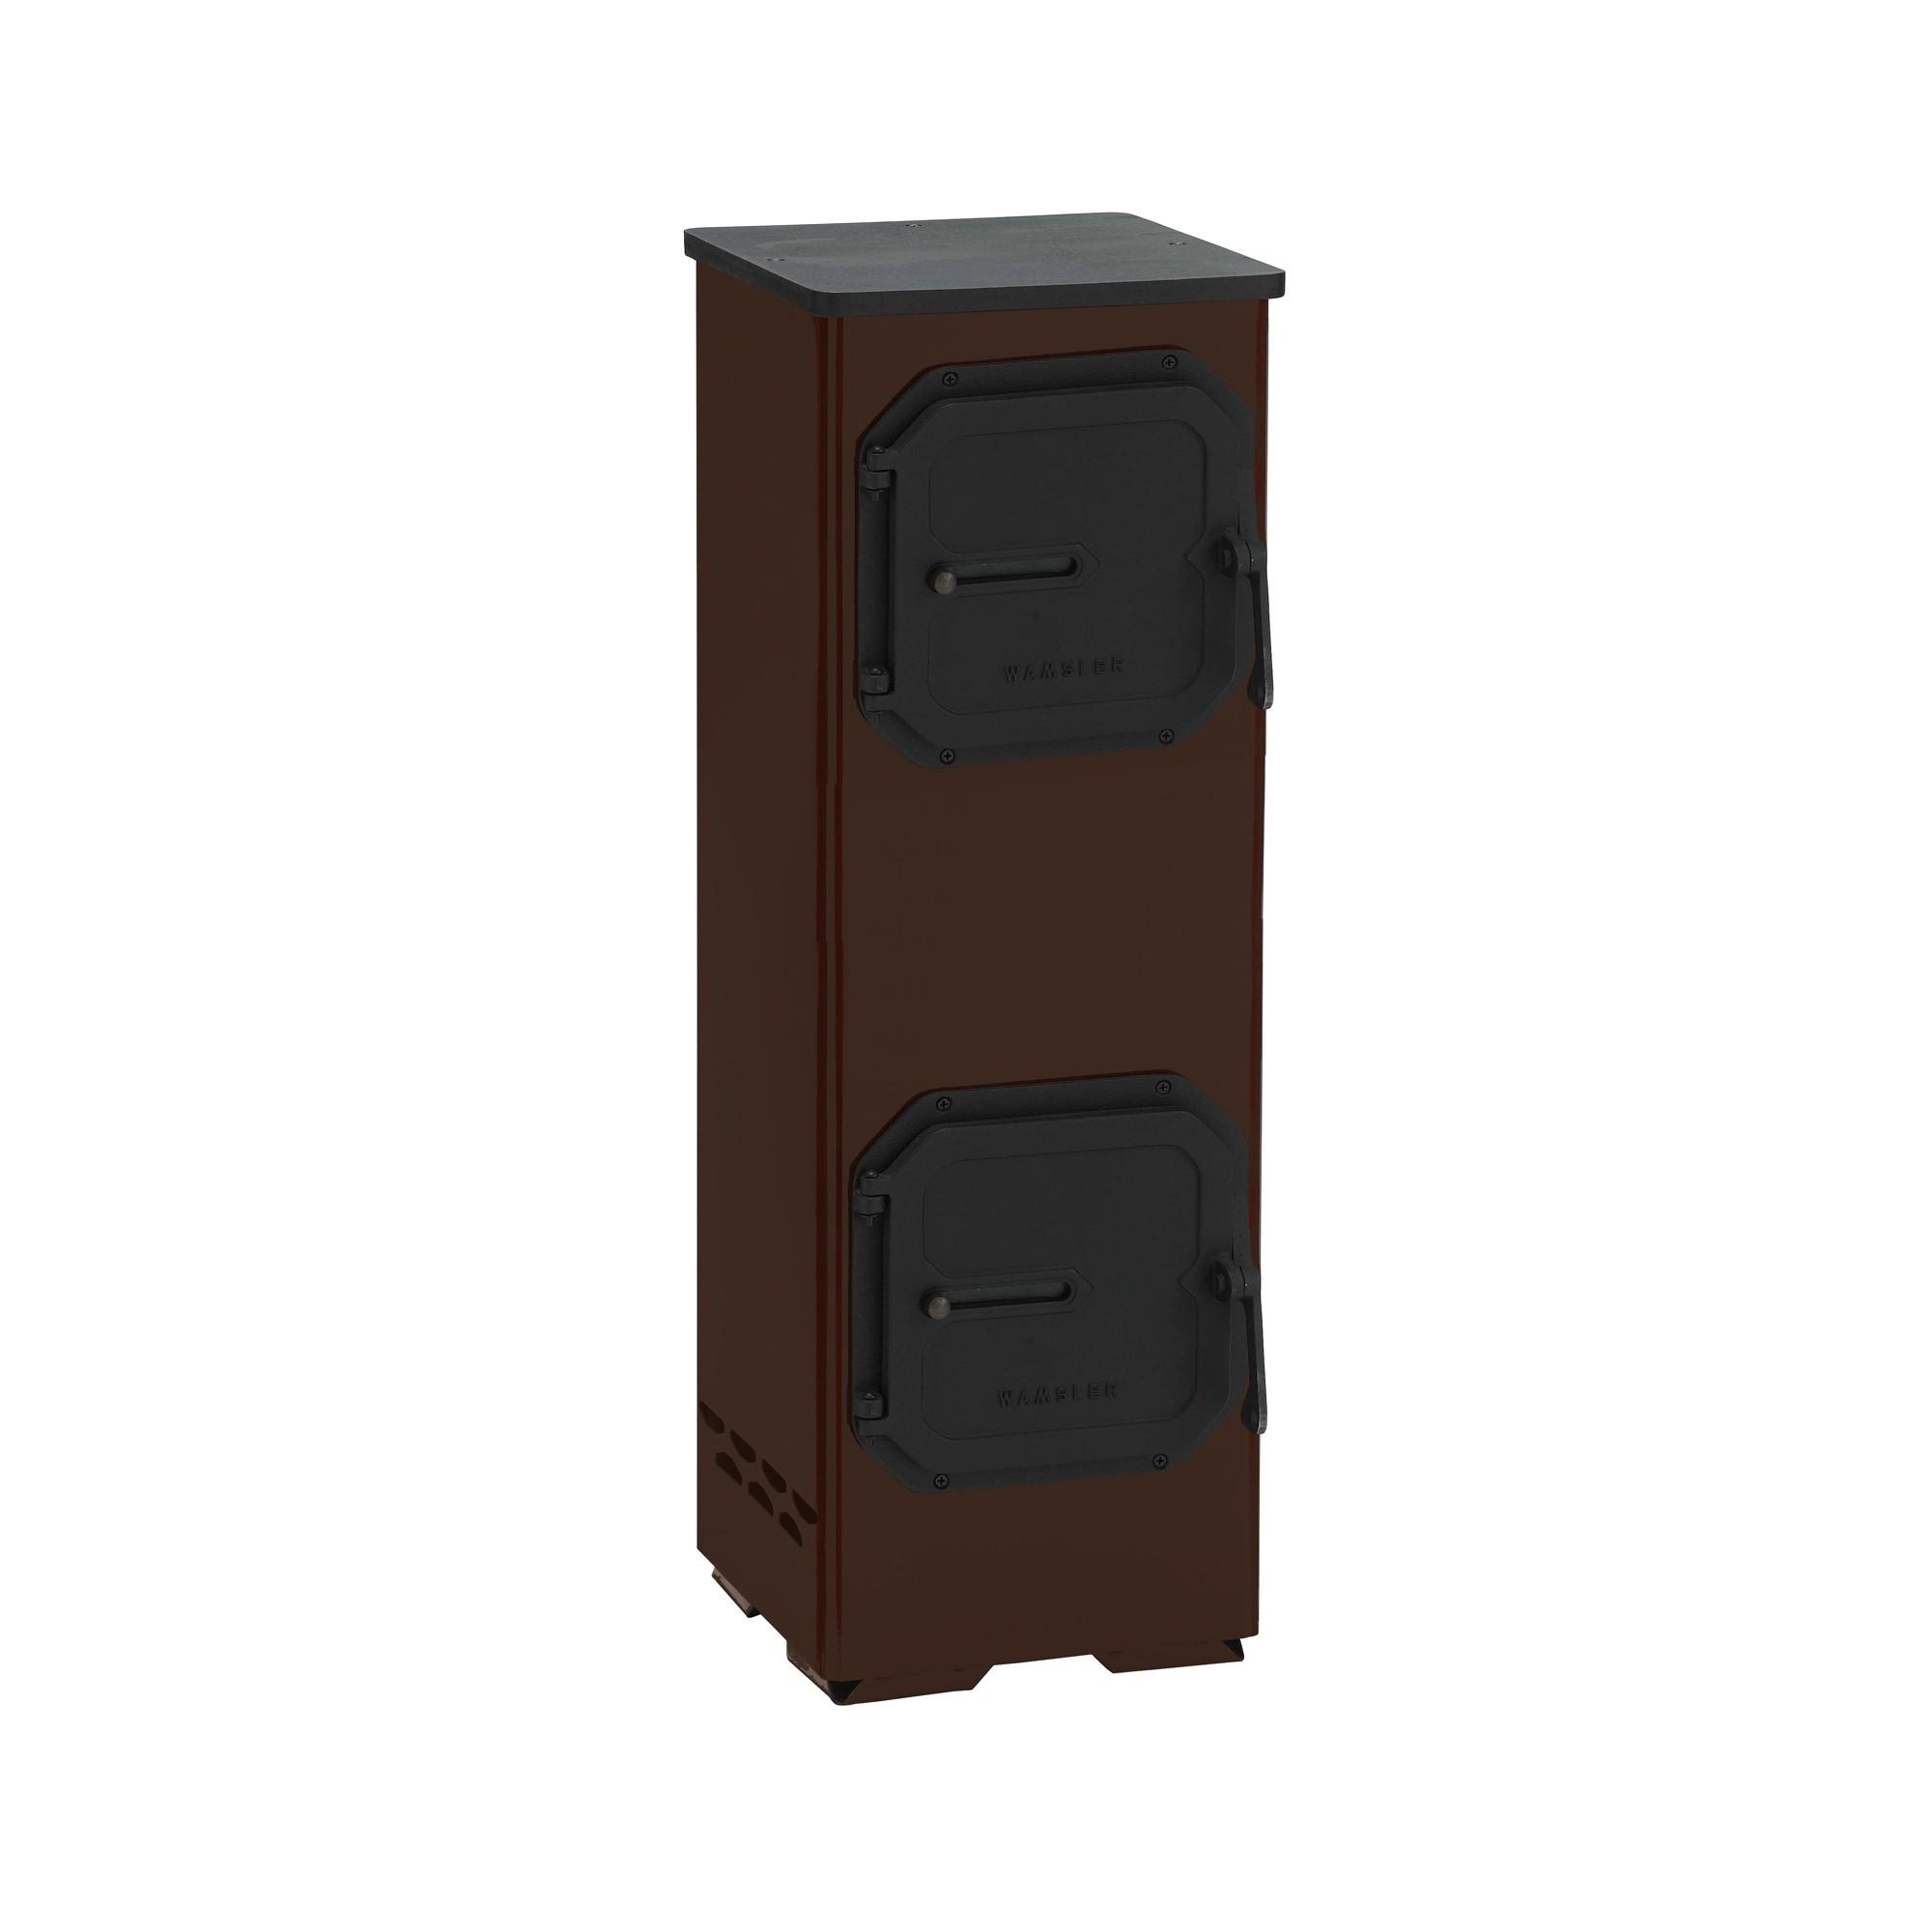 werkstattofen kaminofen wamsler denver braun 5 kw bei. Black Bedroom Furniture Sets. Home Design Ideas